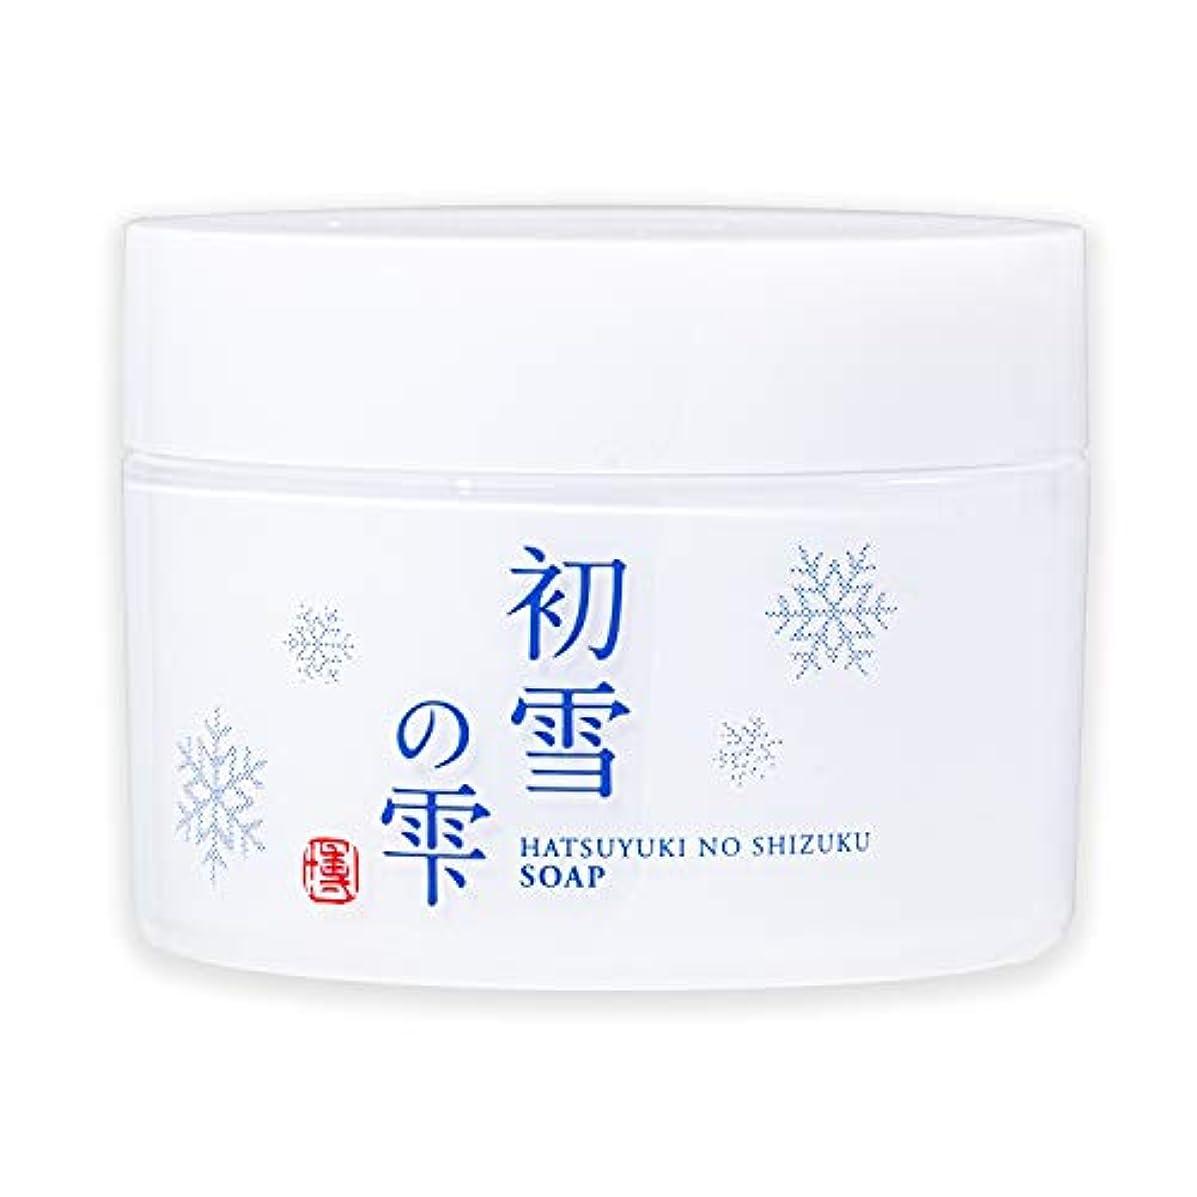 知覚保守可能立法初雪の雫 洗顔 練り せっけん ジャータイプ 105g [アミノ酸 ヒアルロン酸 プラセンタエキス セラミド 配合]